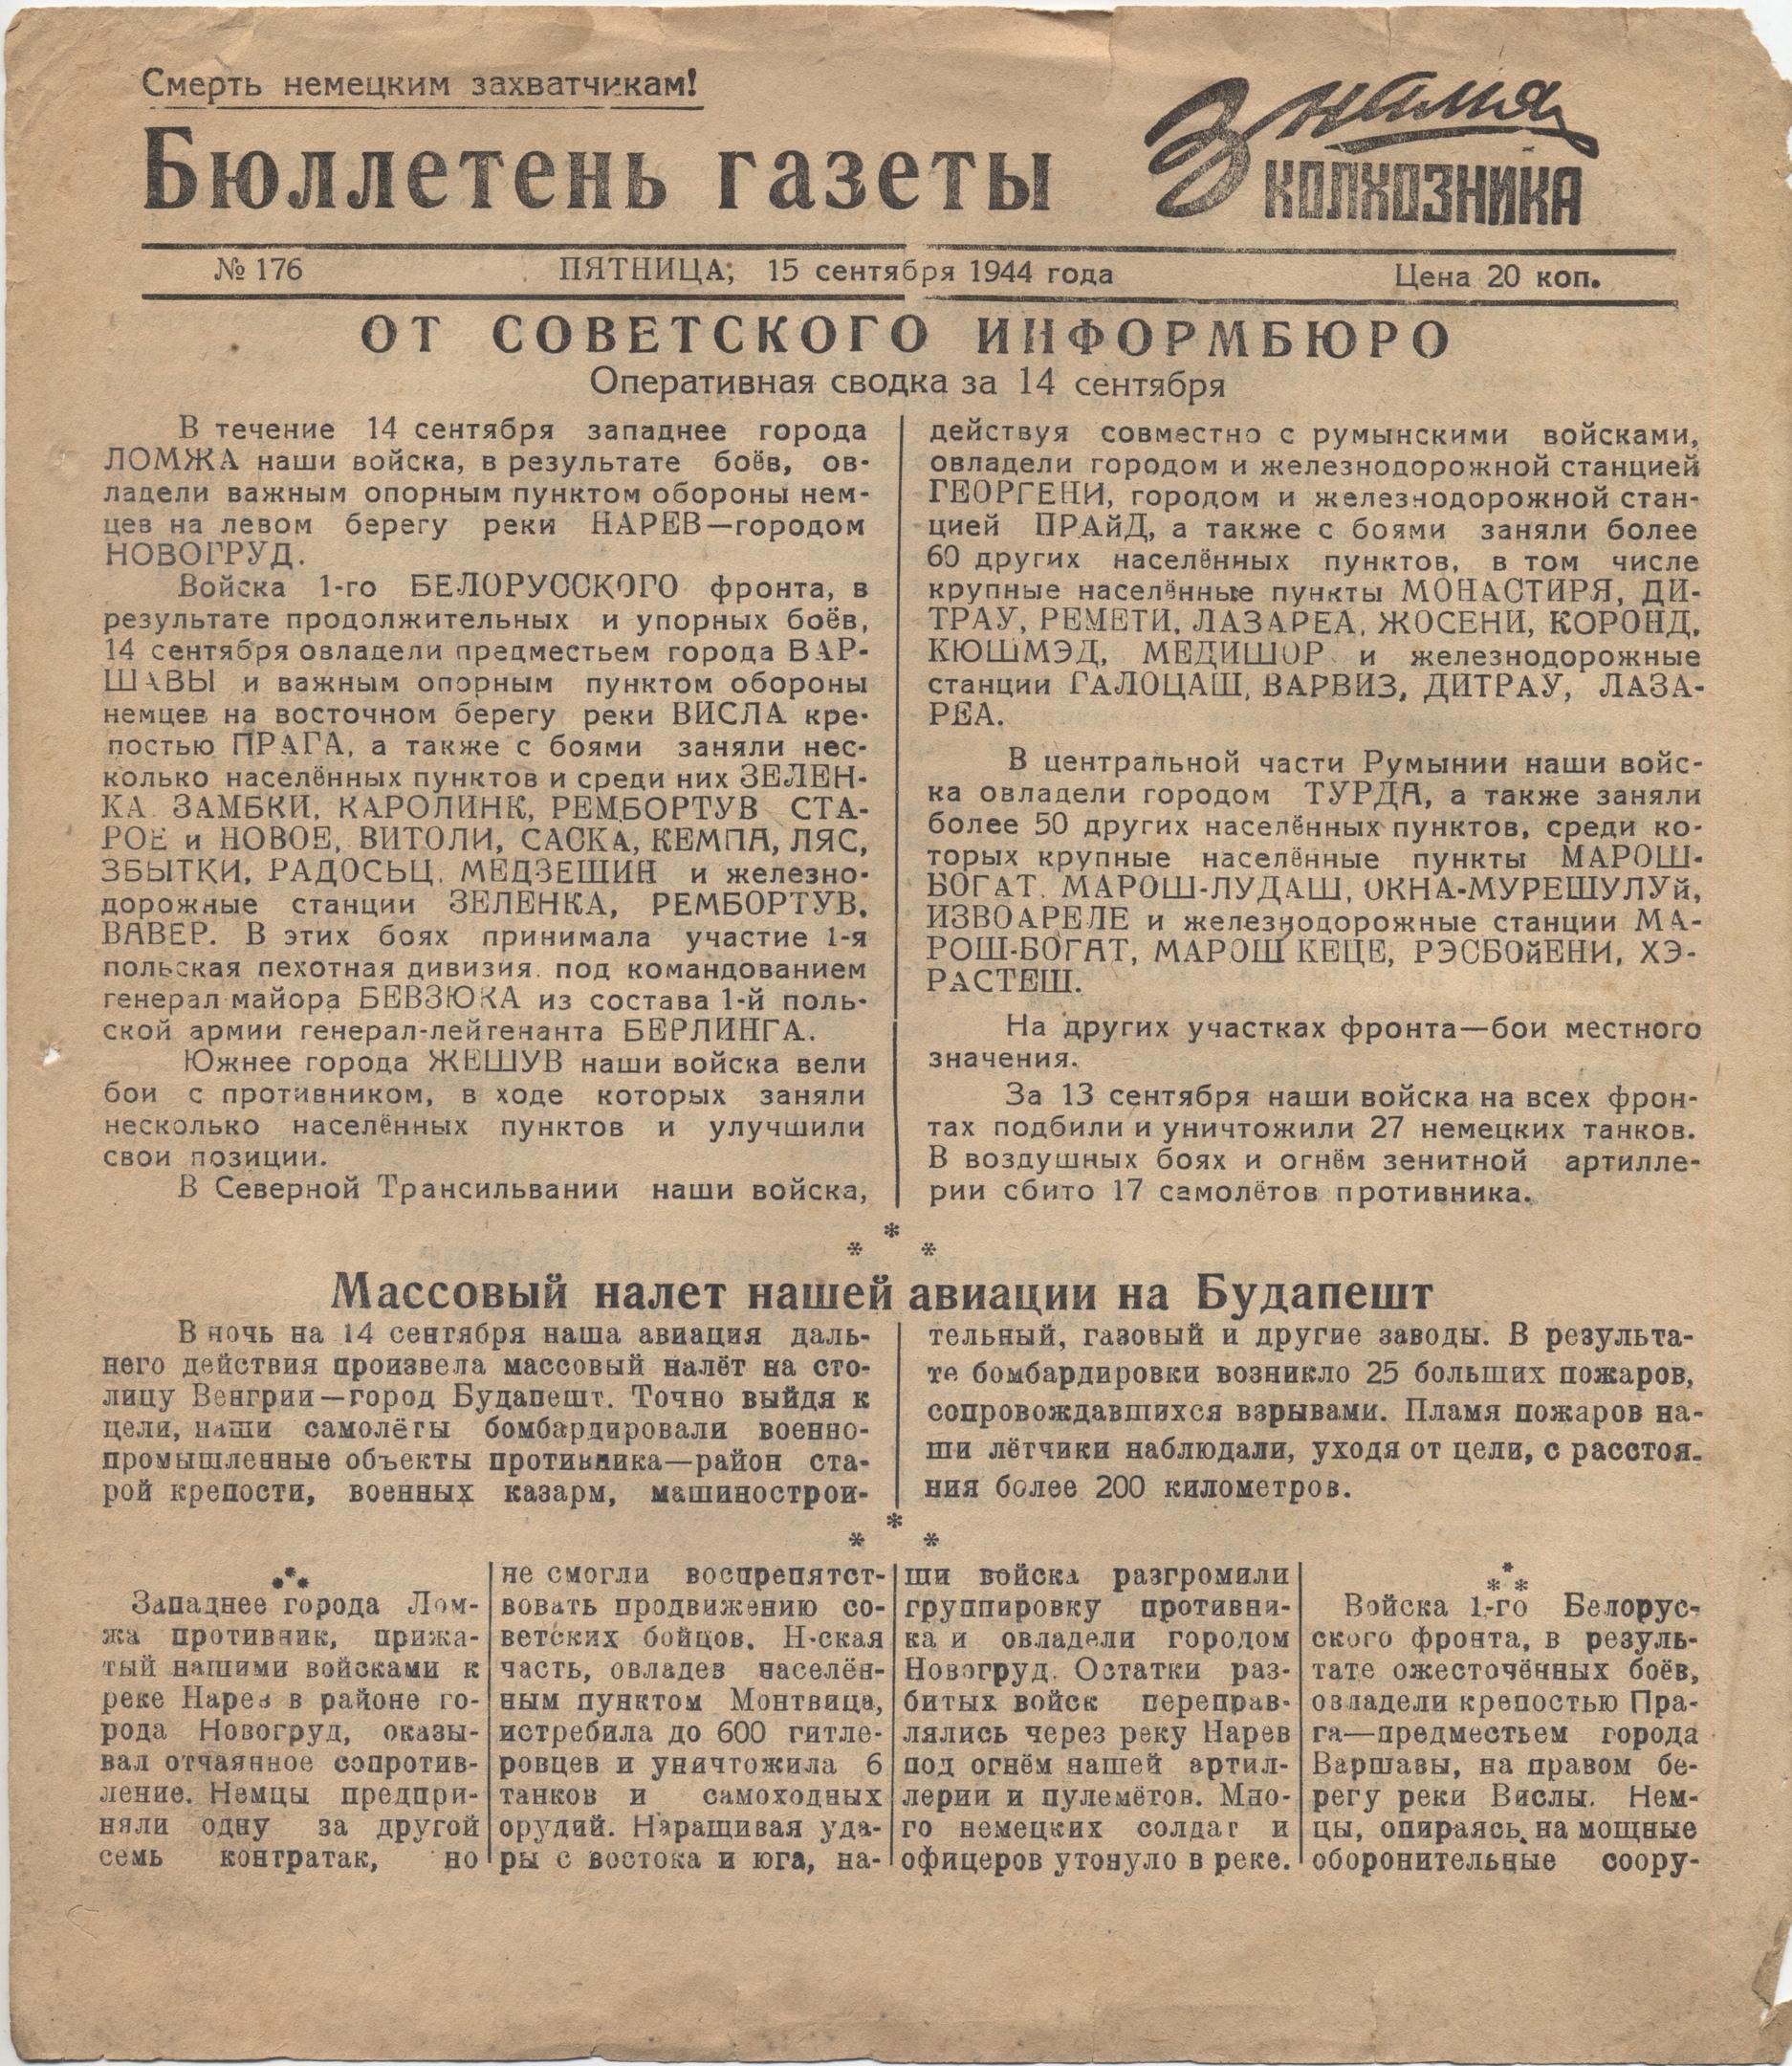 Бюллетени газеты «Знамя колхозника» 1944 года, изображение №3